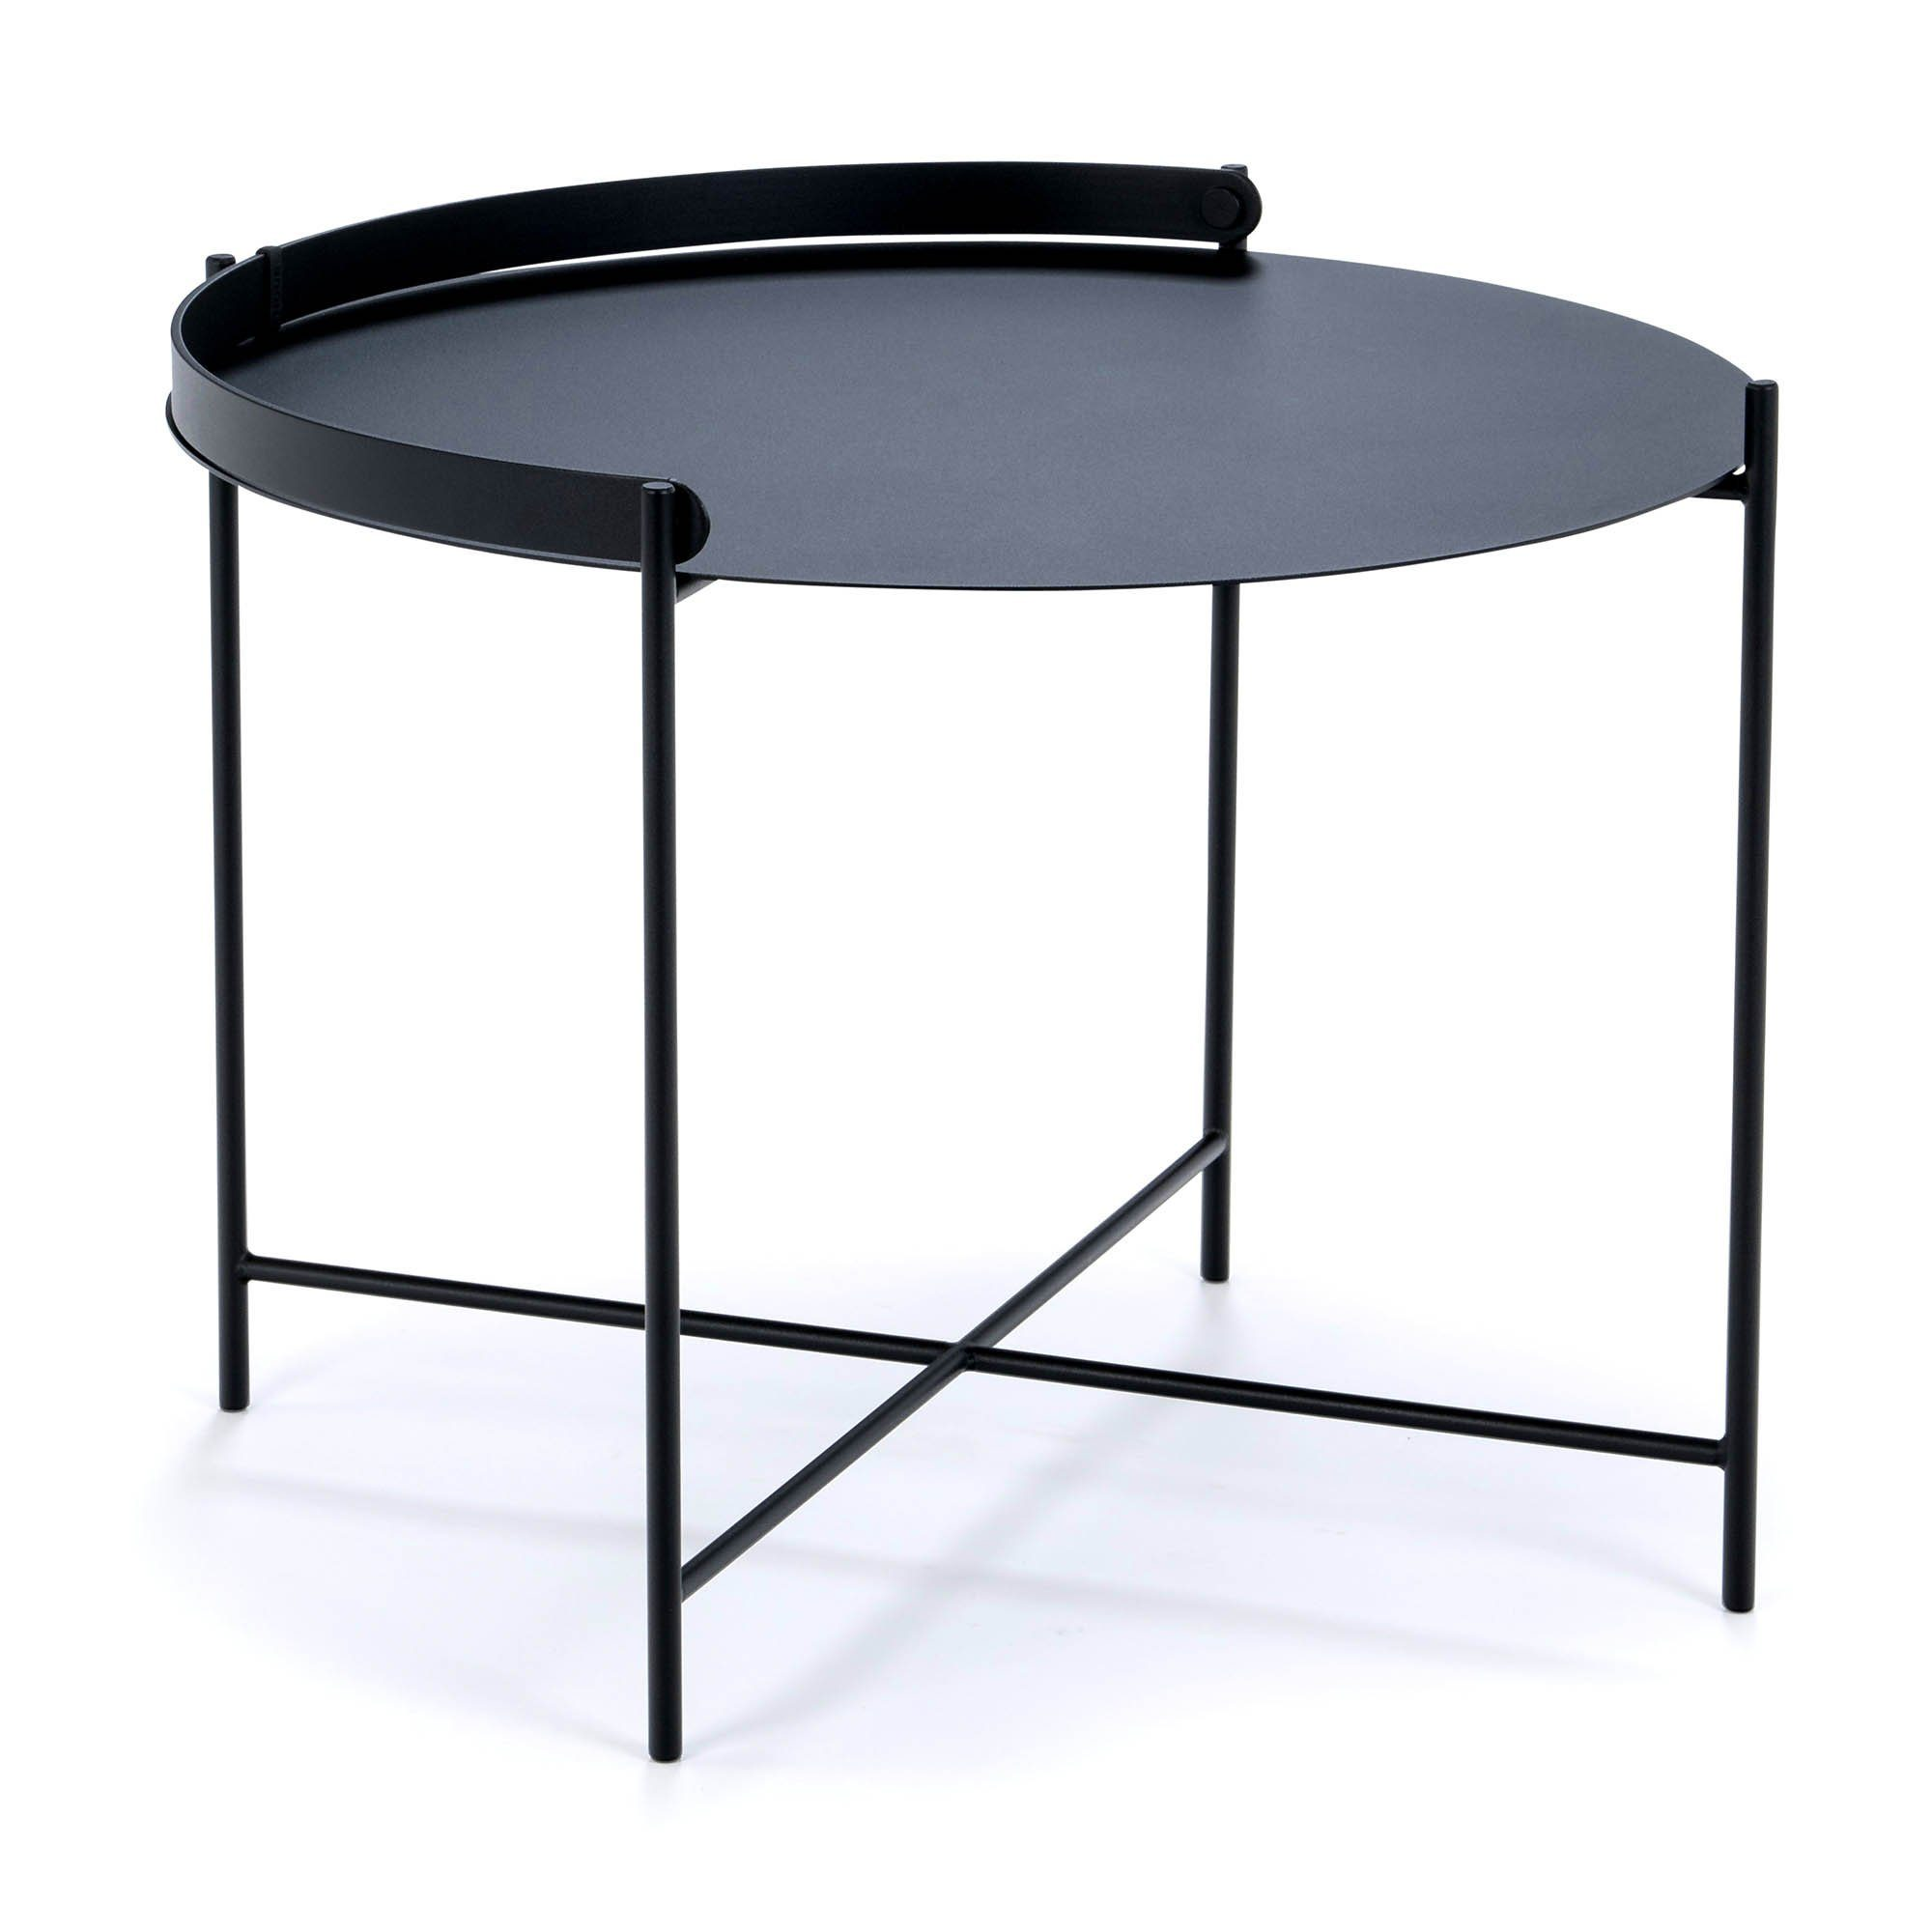 Edge bord i svart från Houe.